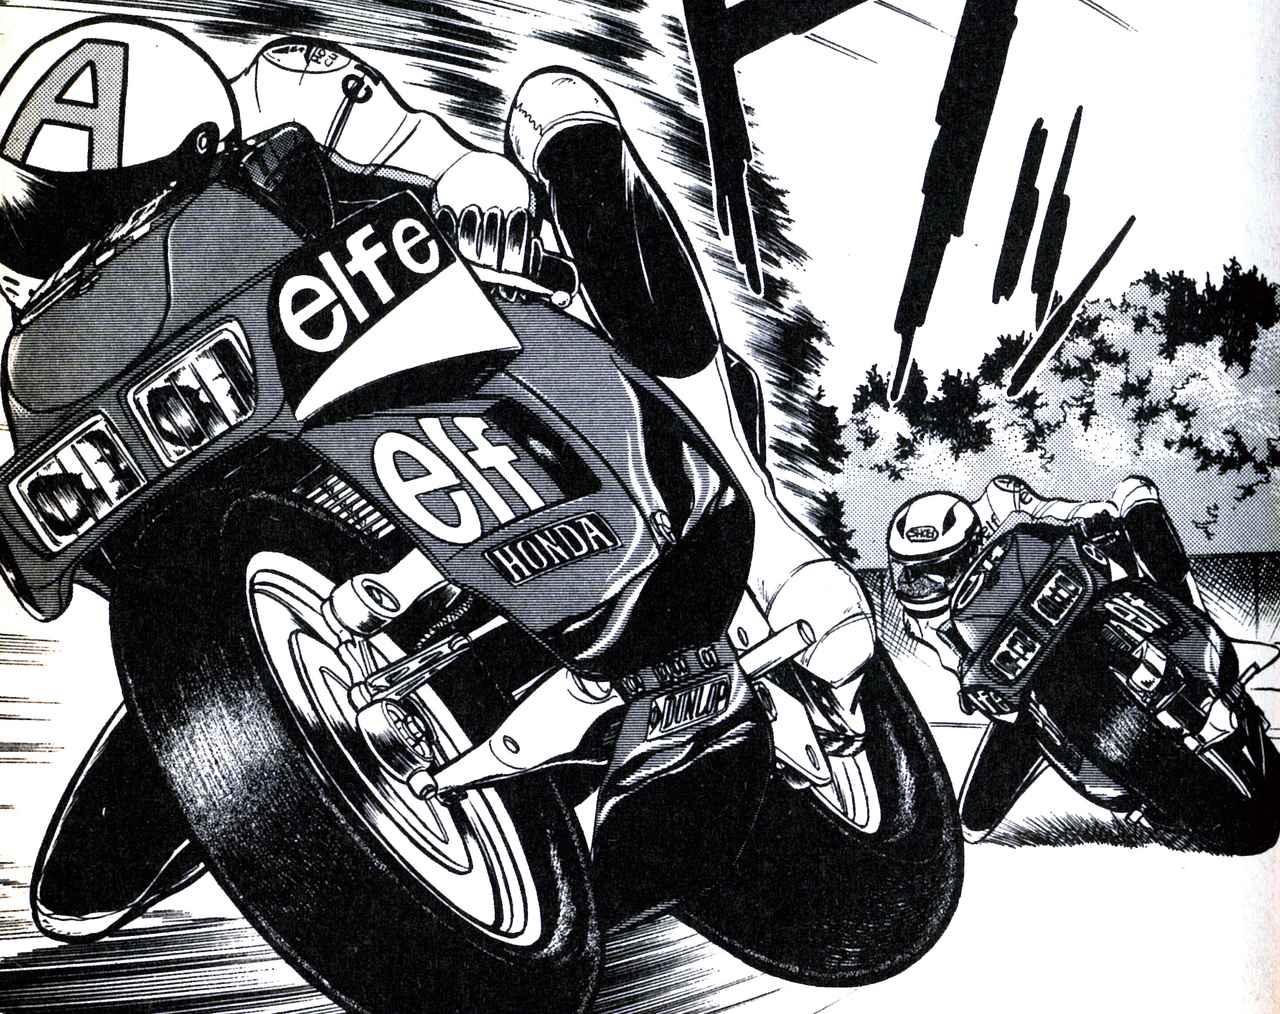 画像: アルダナと沢渡がHRCから供給されたCB900Fのエンジンを搭載するエルフ・モトを駆ってのテストシーン。この後、ヨーロッパ耐久選手権最終戦に参戦し、壮絶なバトルを展開! 最終ラップでは、コクラン・ミネバ組のスズキGS1000ヨシムラ・チューンとの激しいトップ争いをするが最終コーナーで両車転倒。ラスト200mを押してゴールするという、手に汗握る名シーンを生む。©️新谷かおる